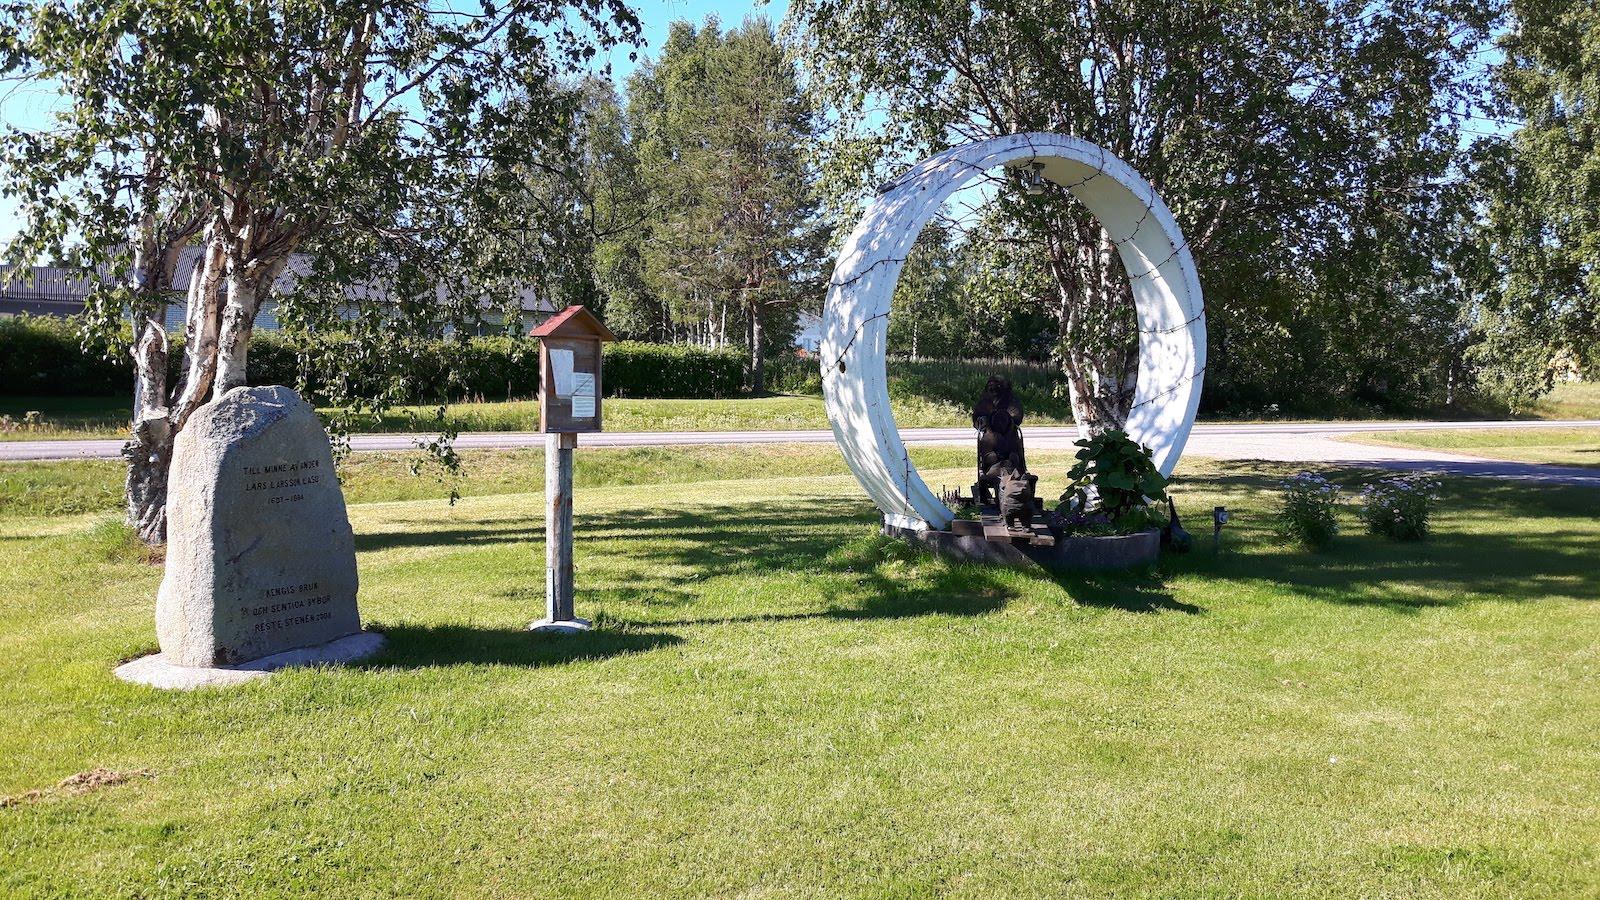 Memorials In Junosuando Sweden